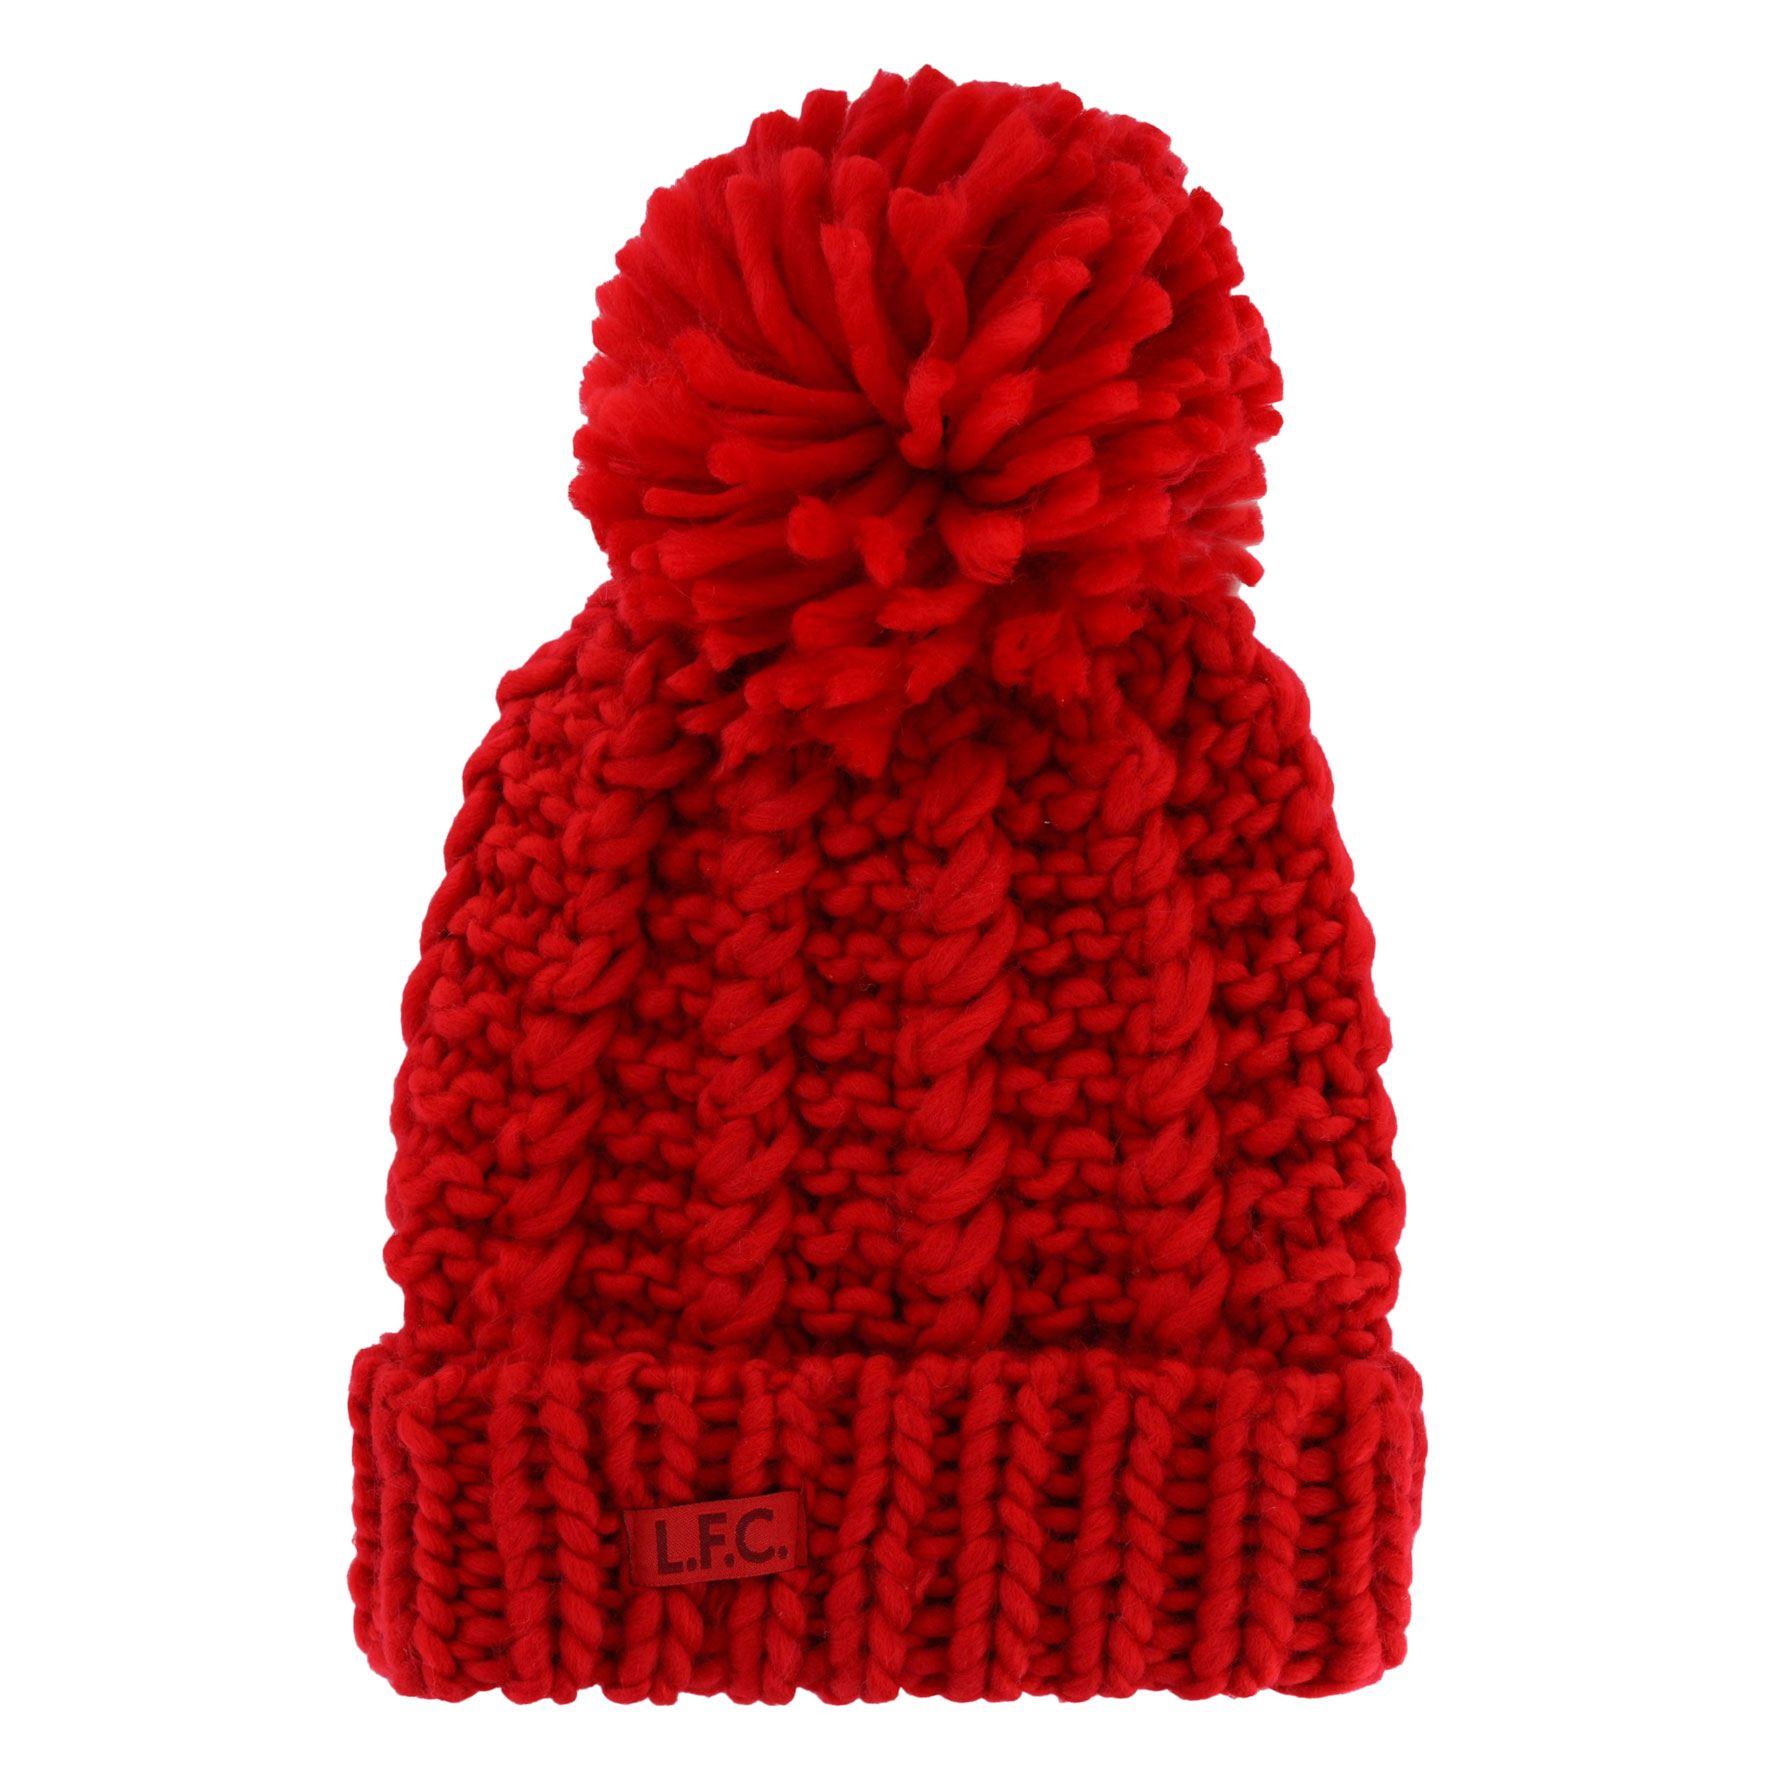 Liverpool FC Gorro LFC Mujer Rojo Patrón de Cable Oficial | eBay